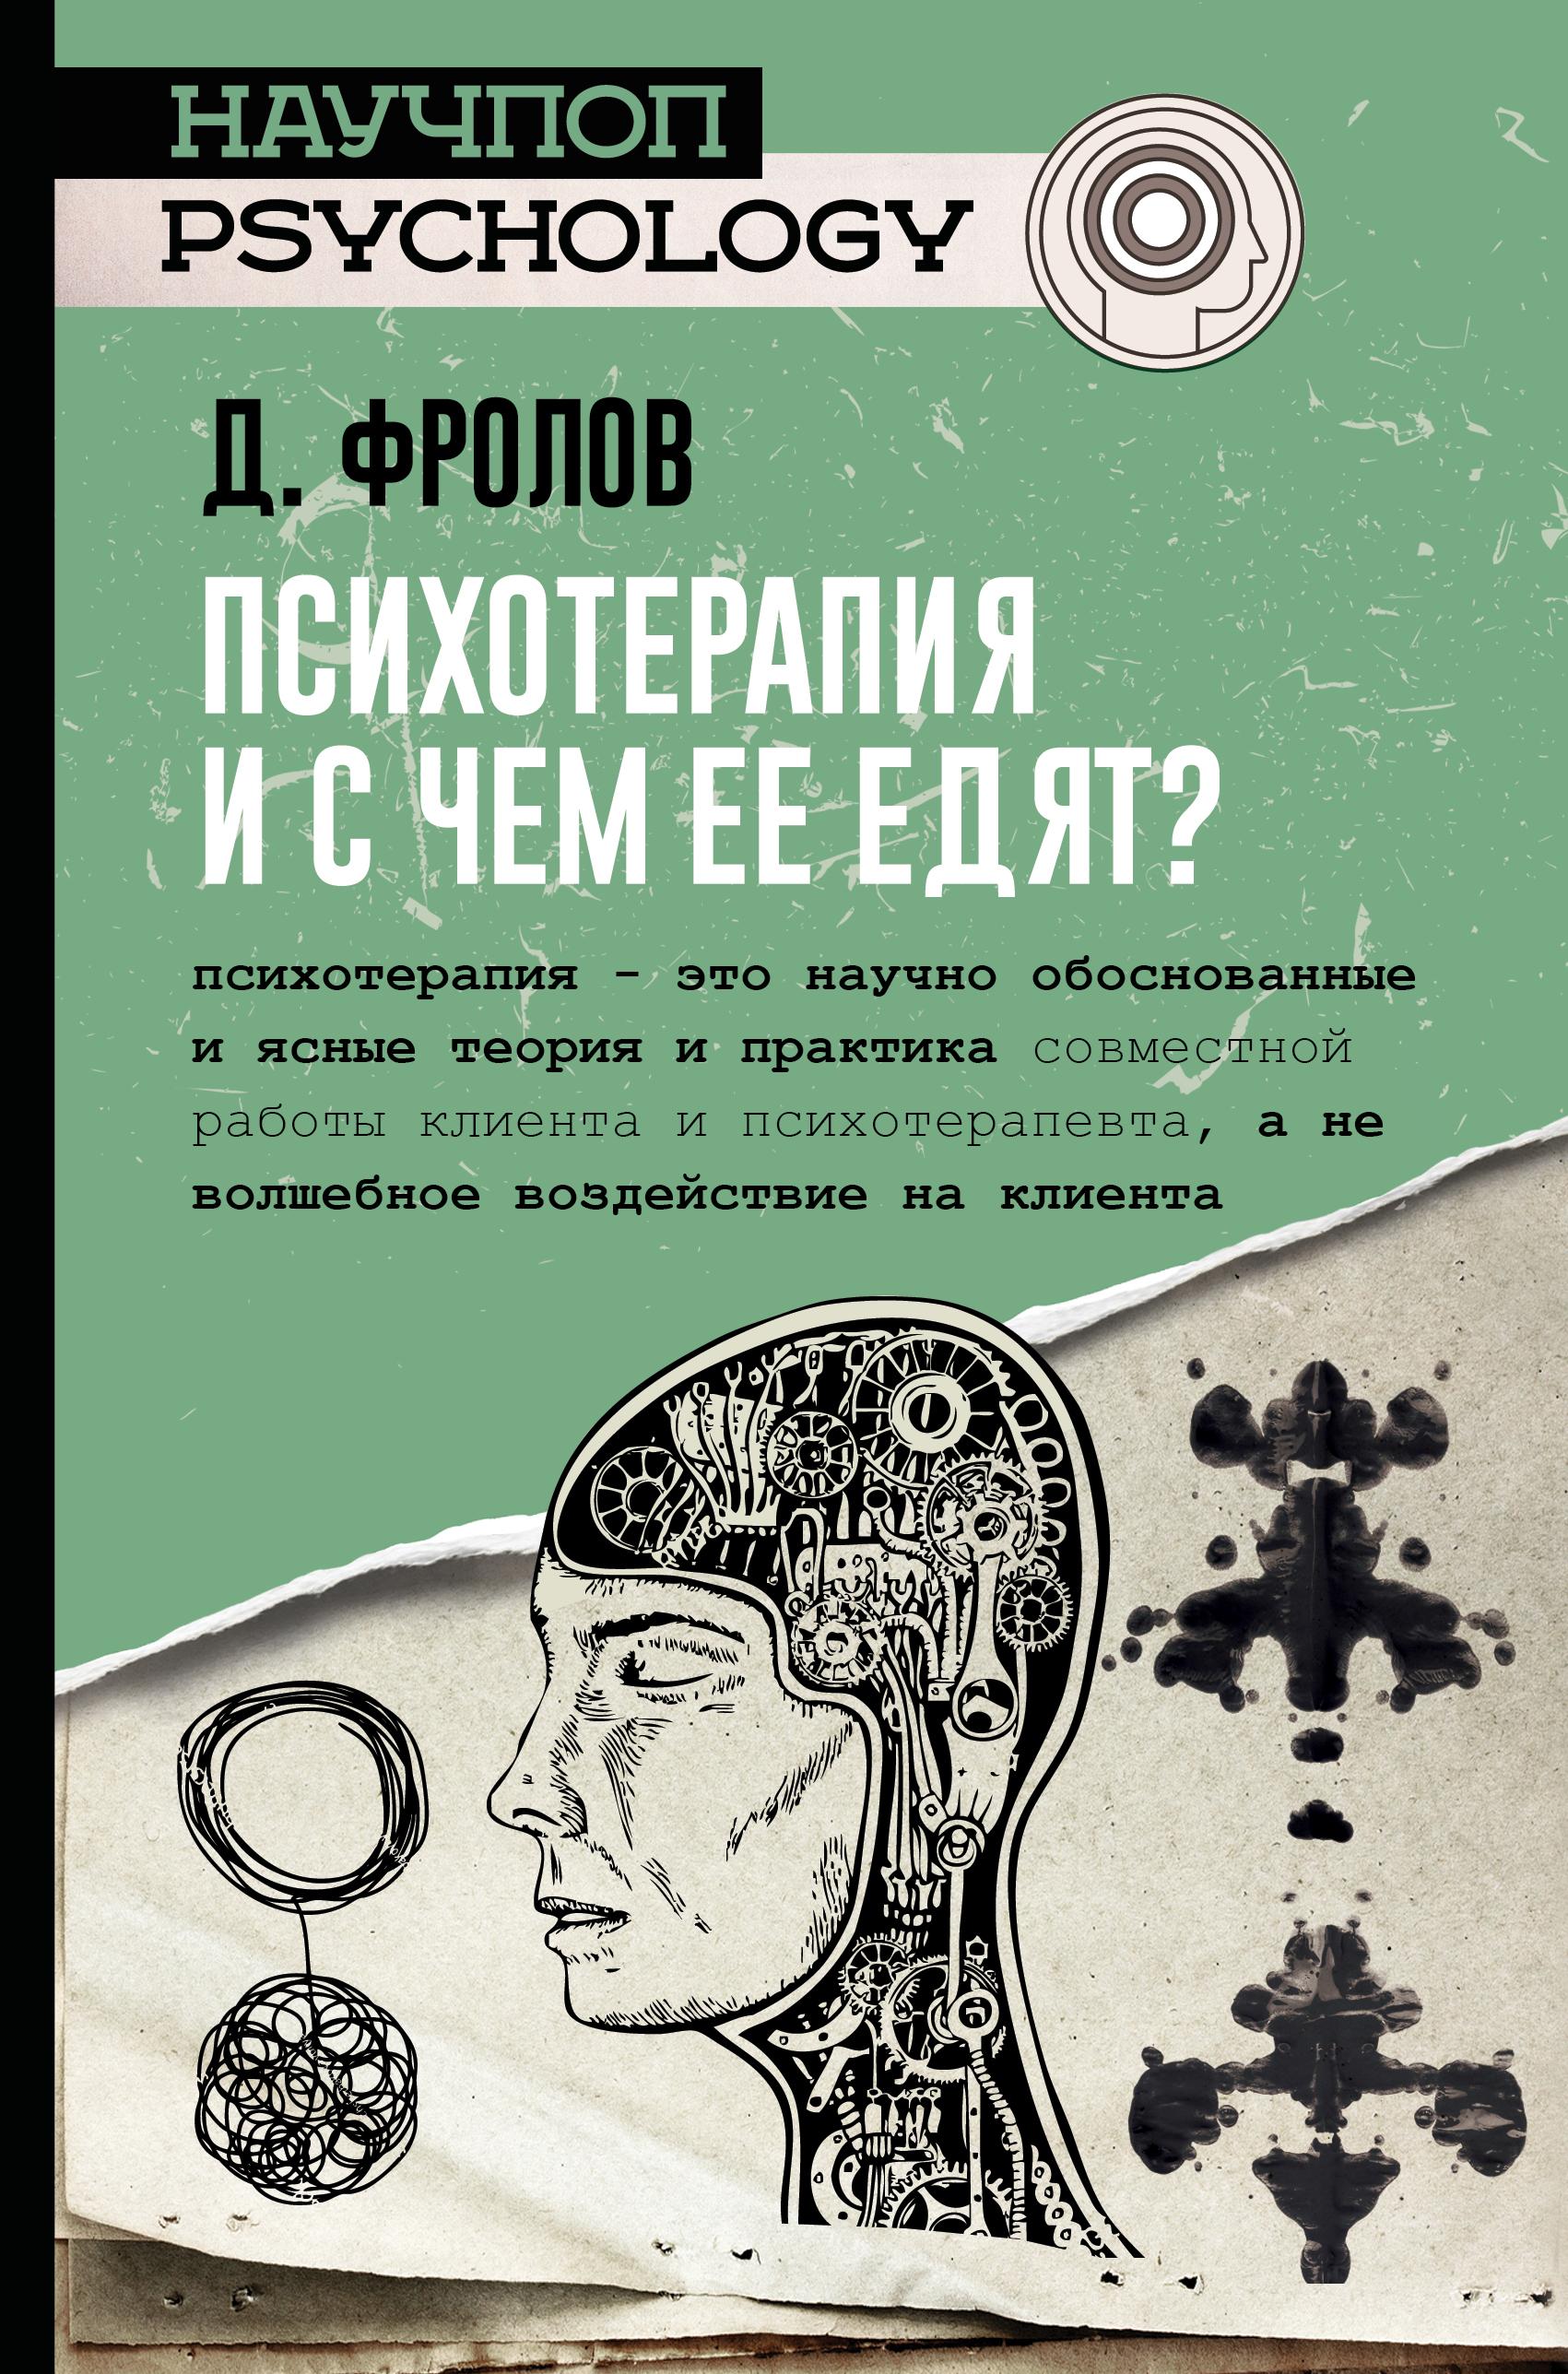 Фролов Д.И. Психотерапия, и с чем ее едят?